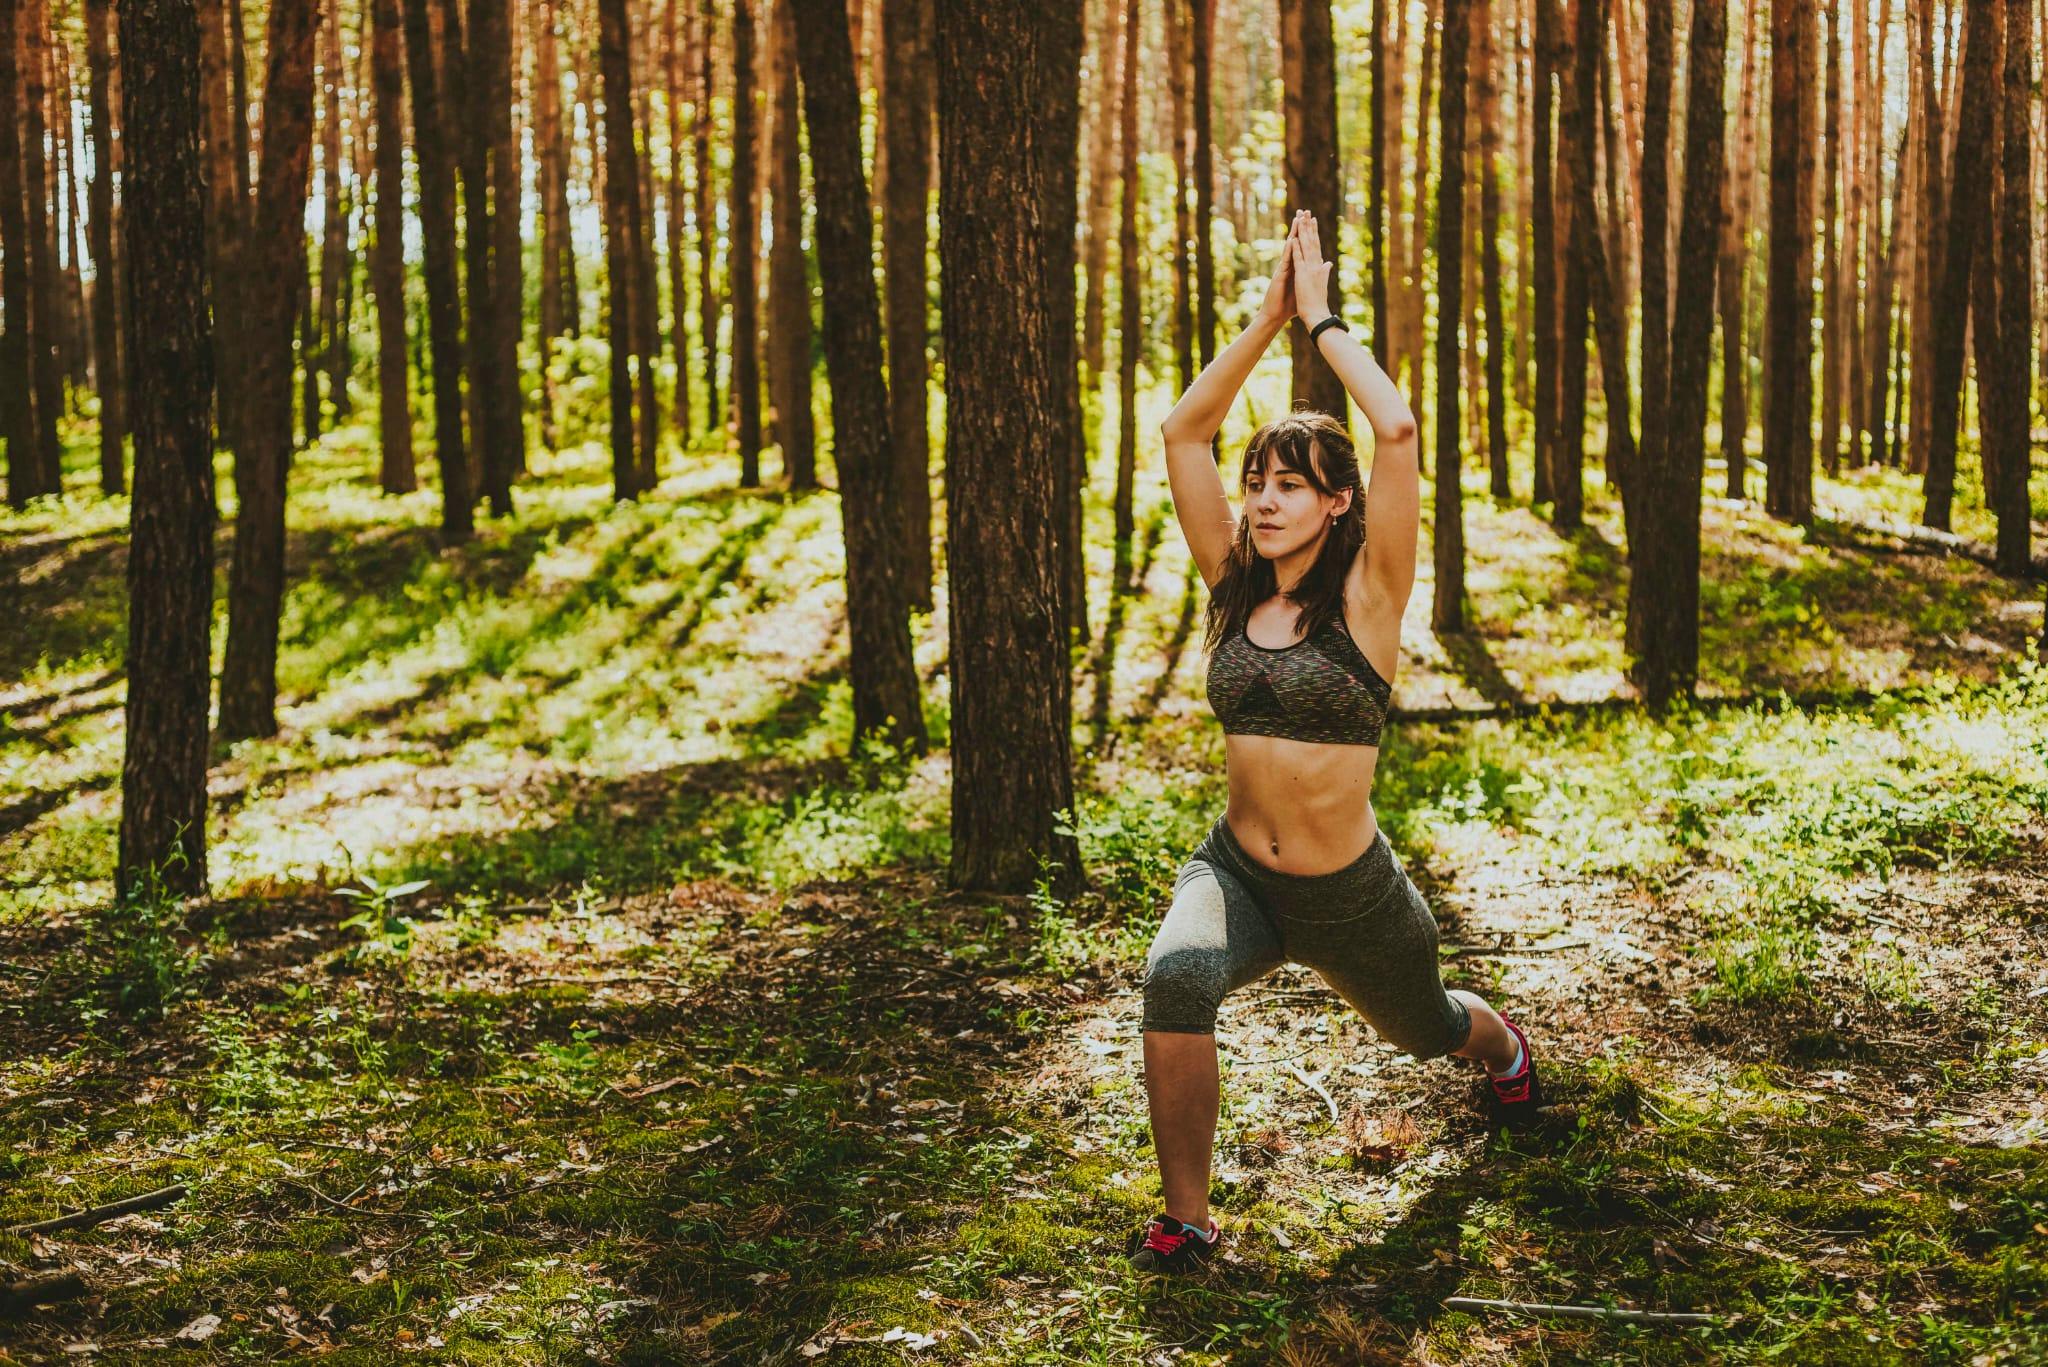 Algunas posturas de yoga ayudan a activar el sistema inmune.